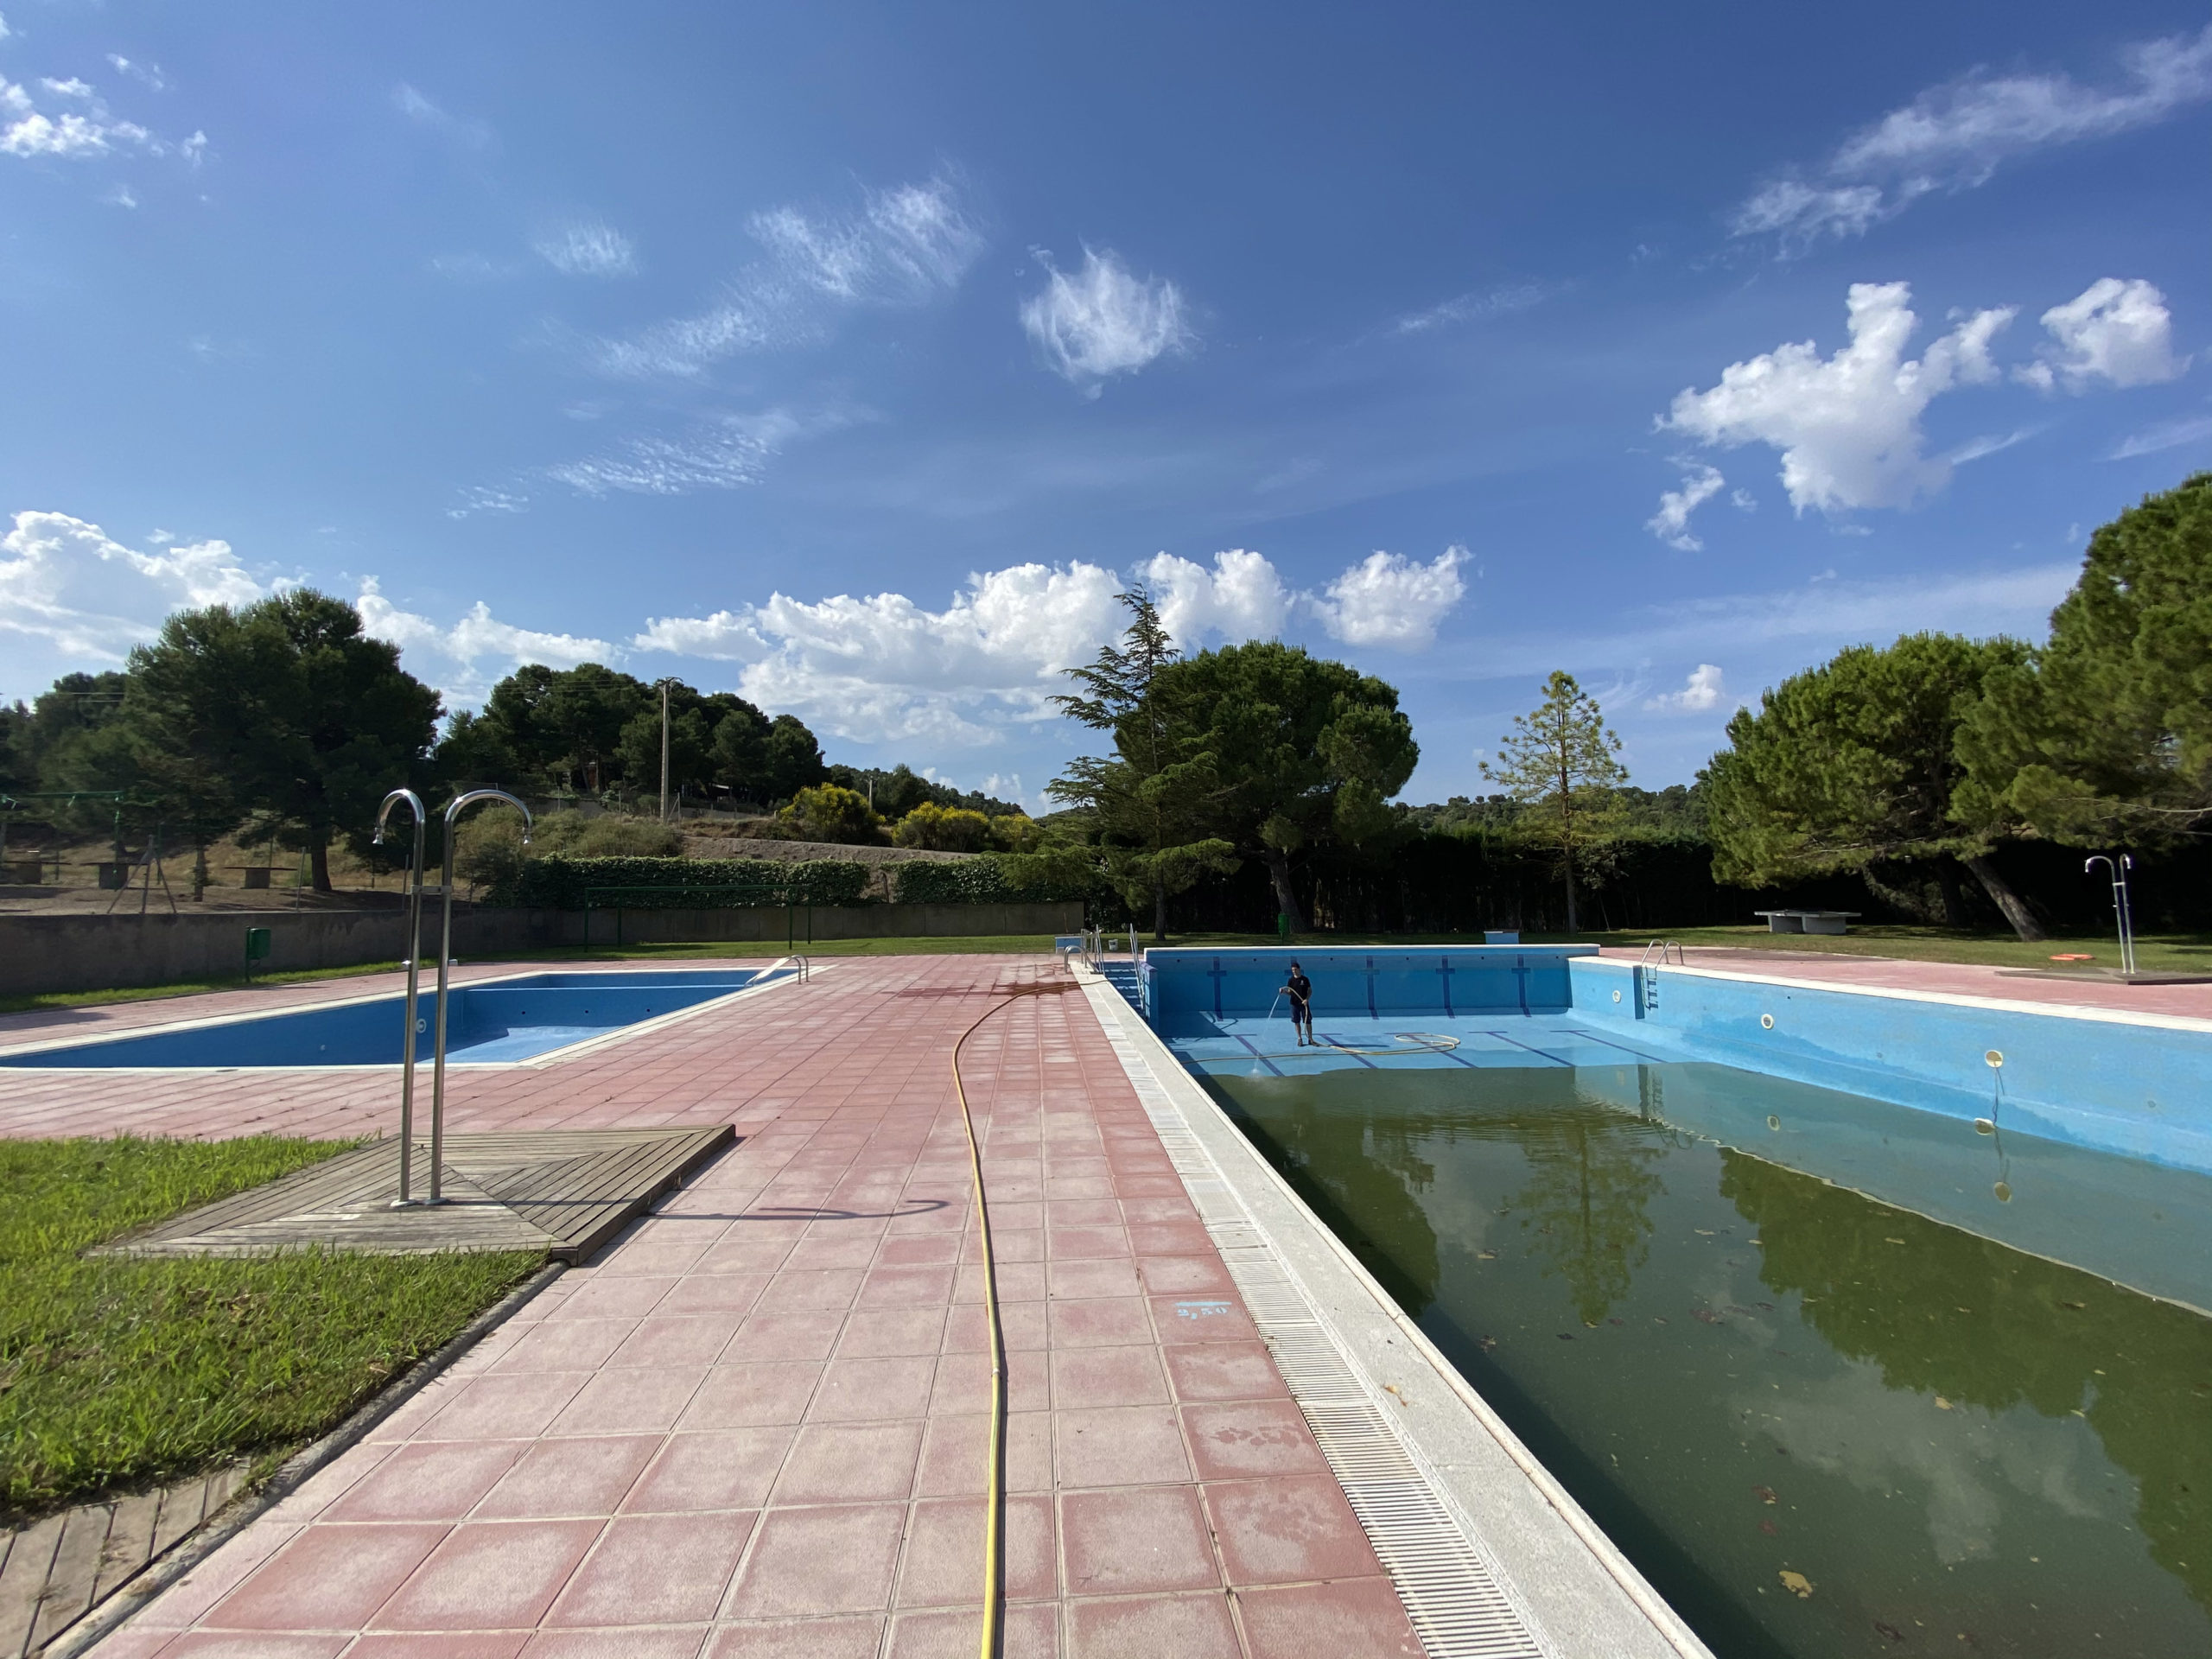 Comença la neteja de les piscines municipals de Castelldans